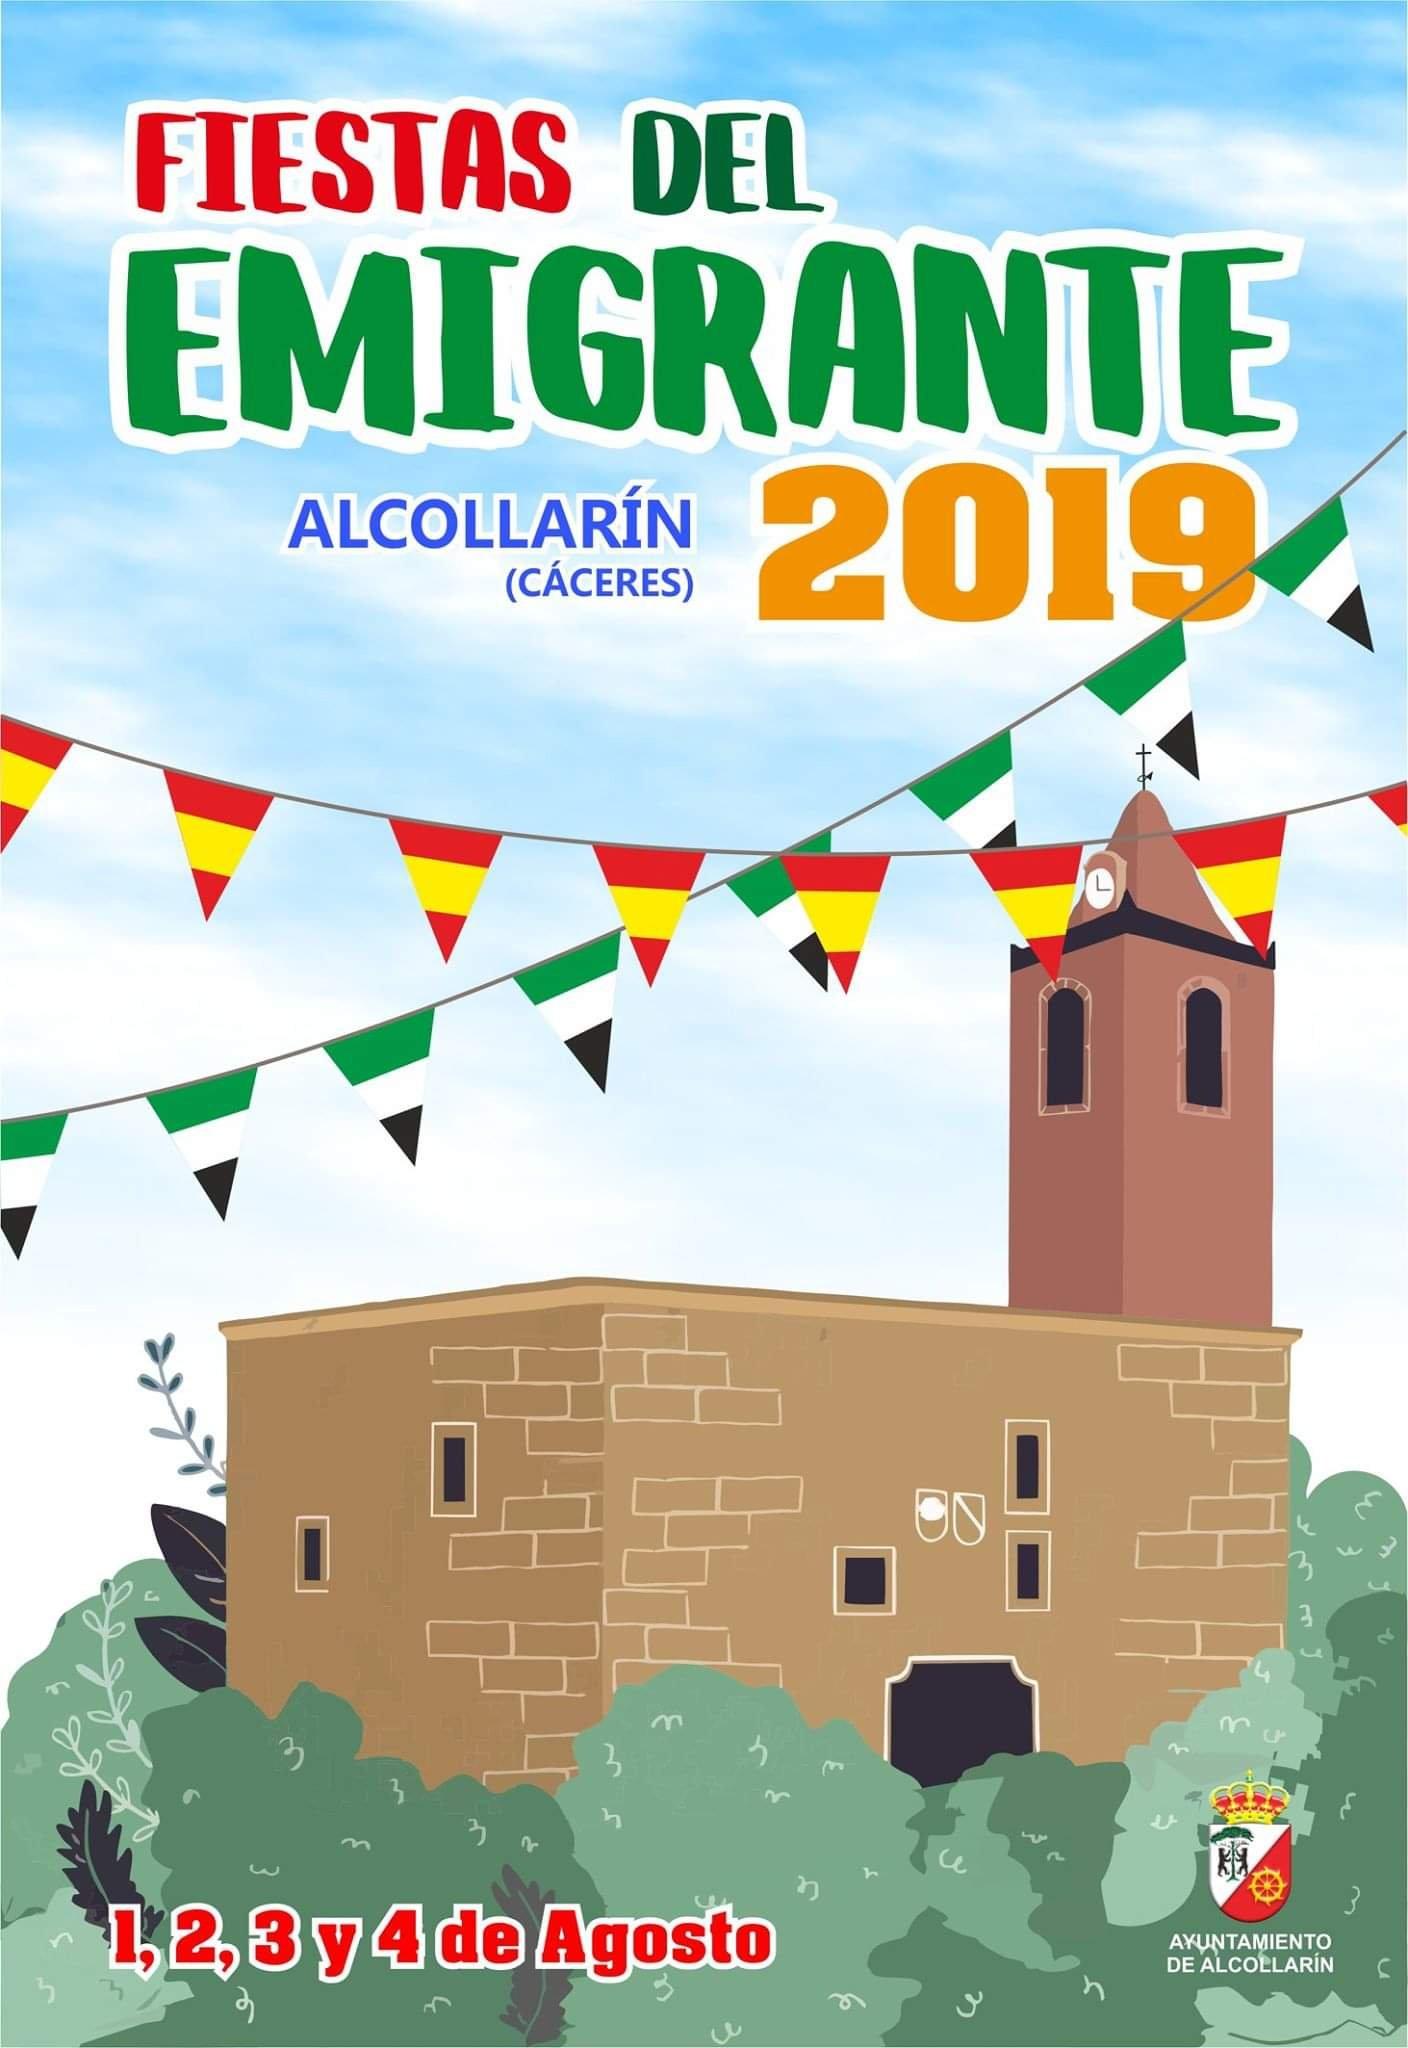 Fiestas del Emigrante 2019 - Alcollarín (Cáceres) 1